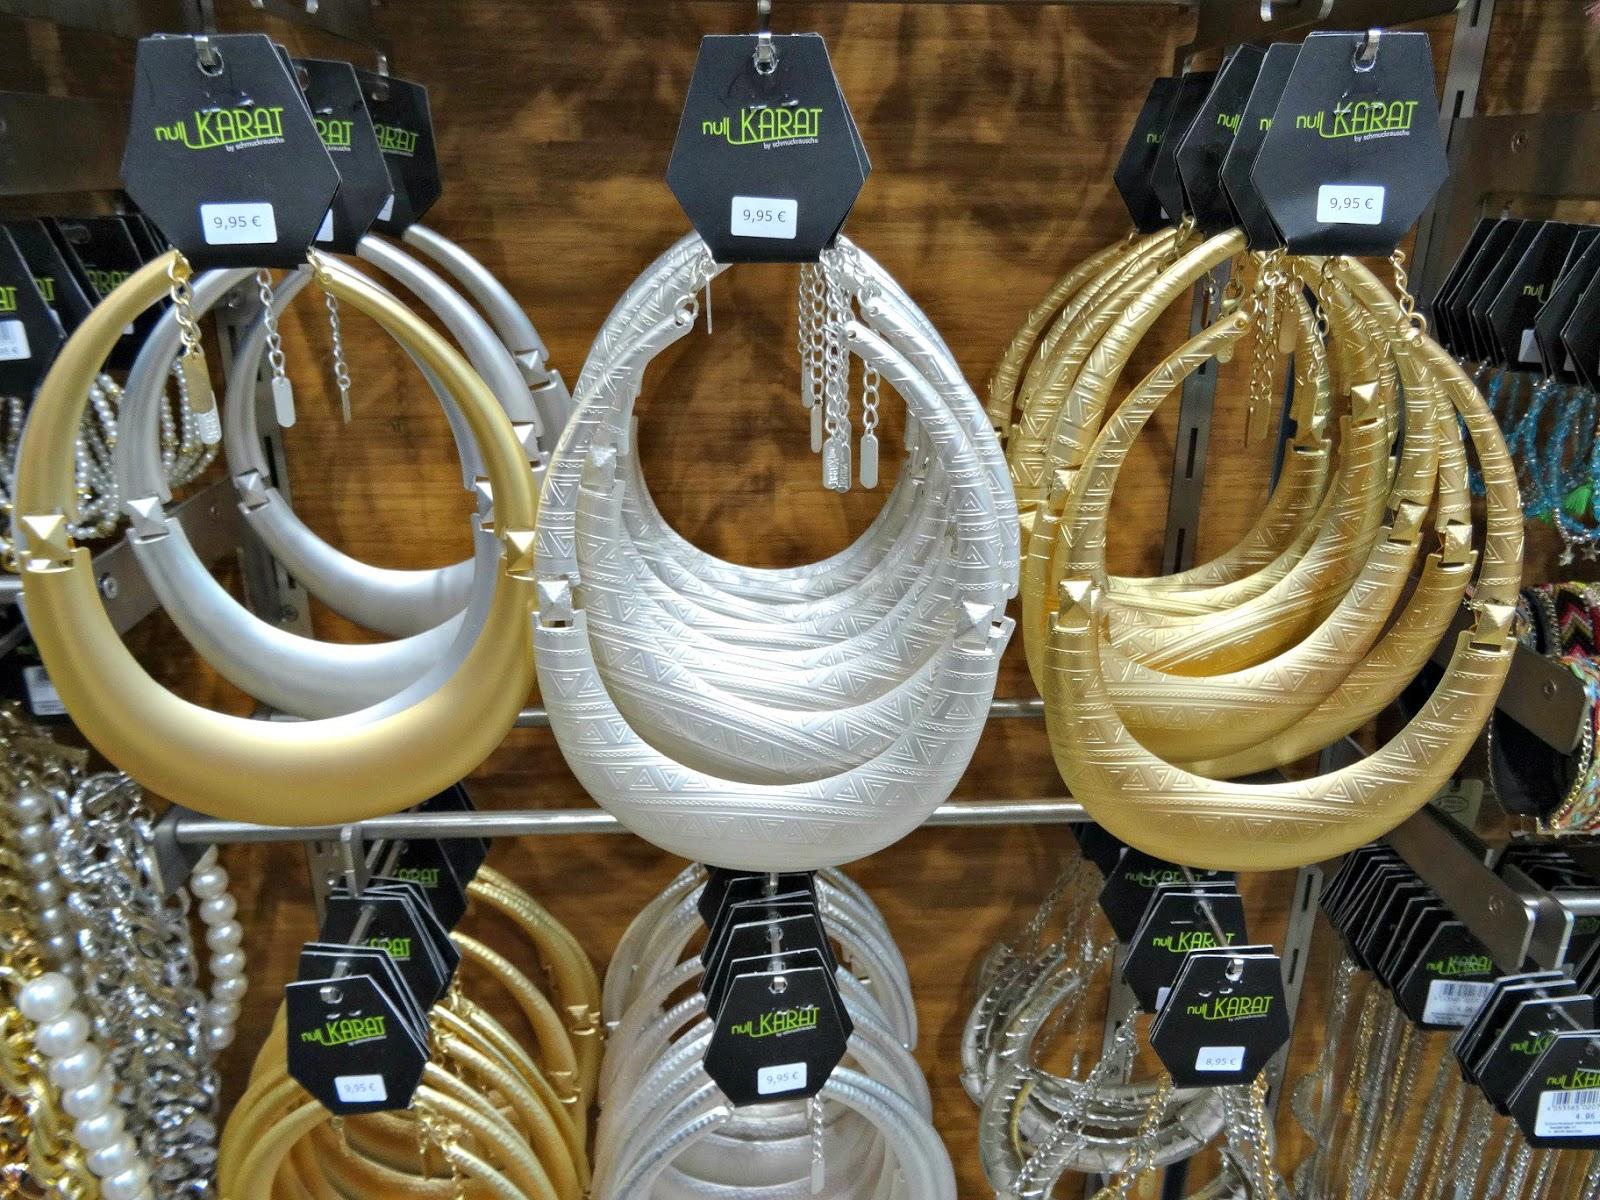 Schmuckrausch Necklaces